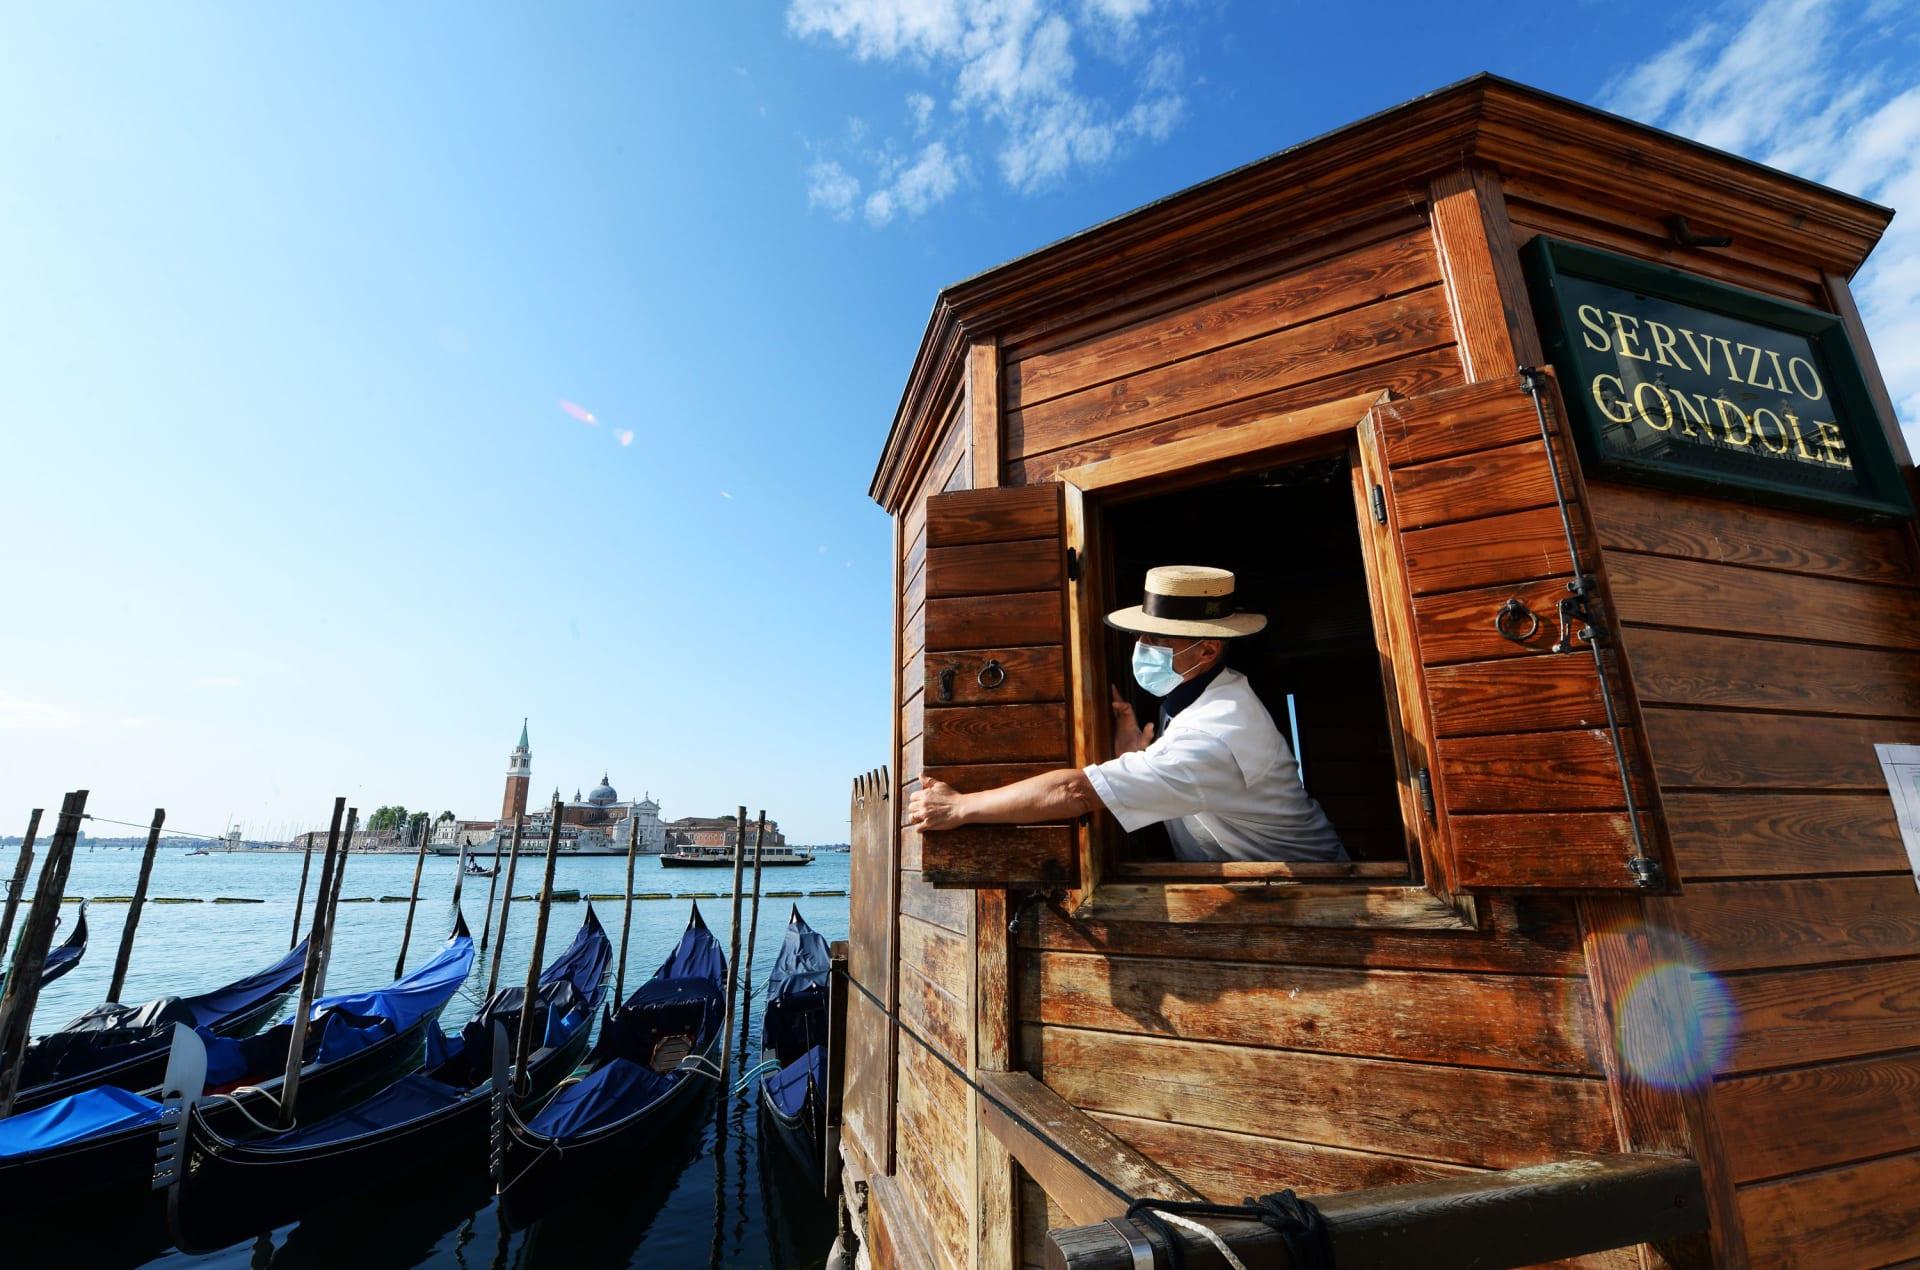 البندقية تقيد عدد الأشخاص المسموح بهم على القوارب بسبب تزايد وزن السياح